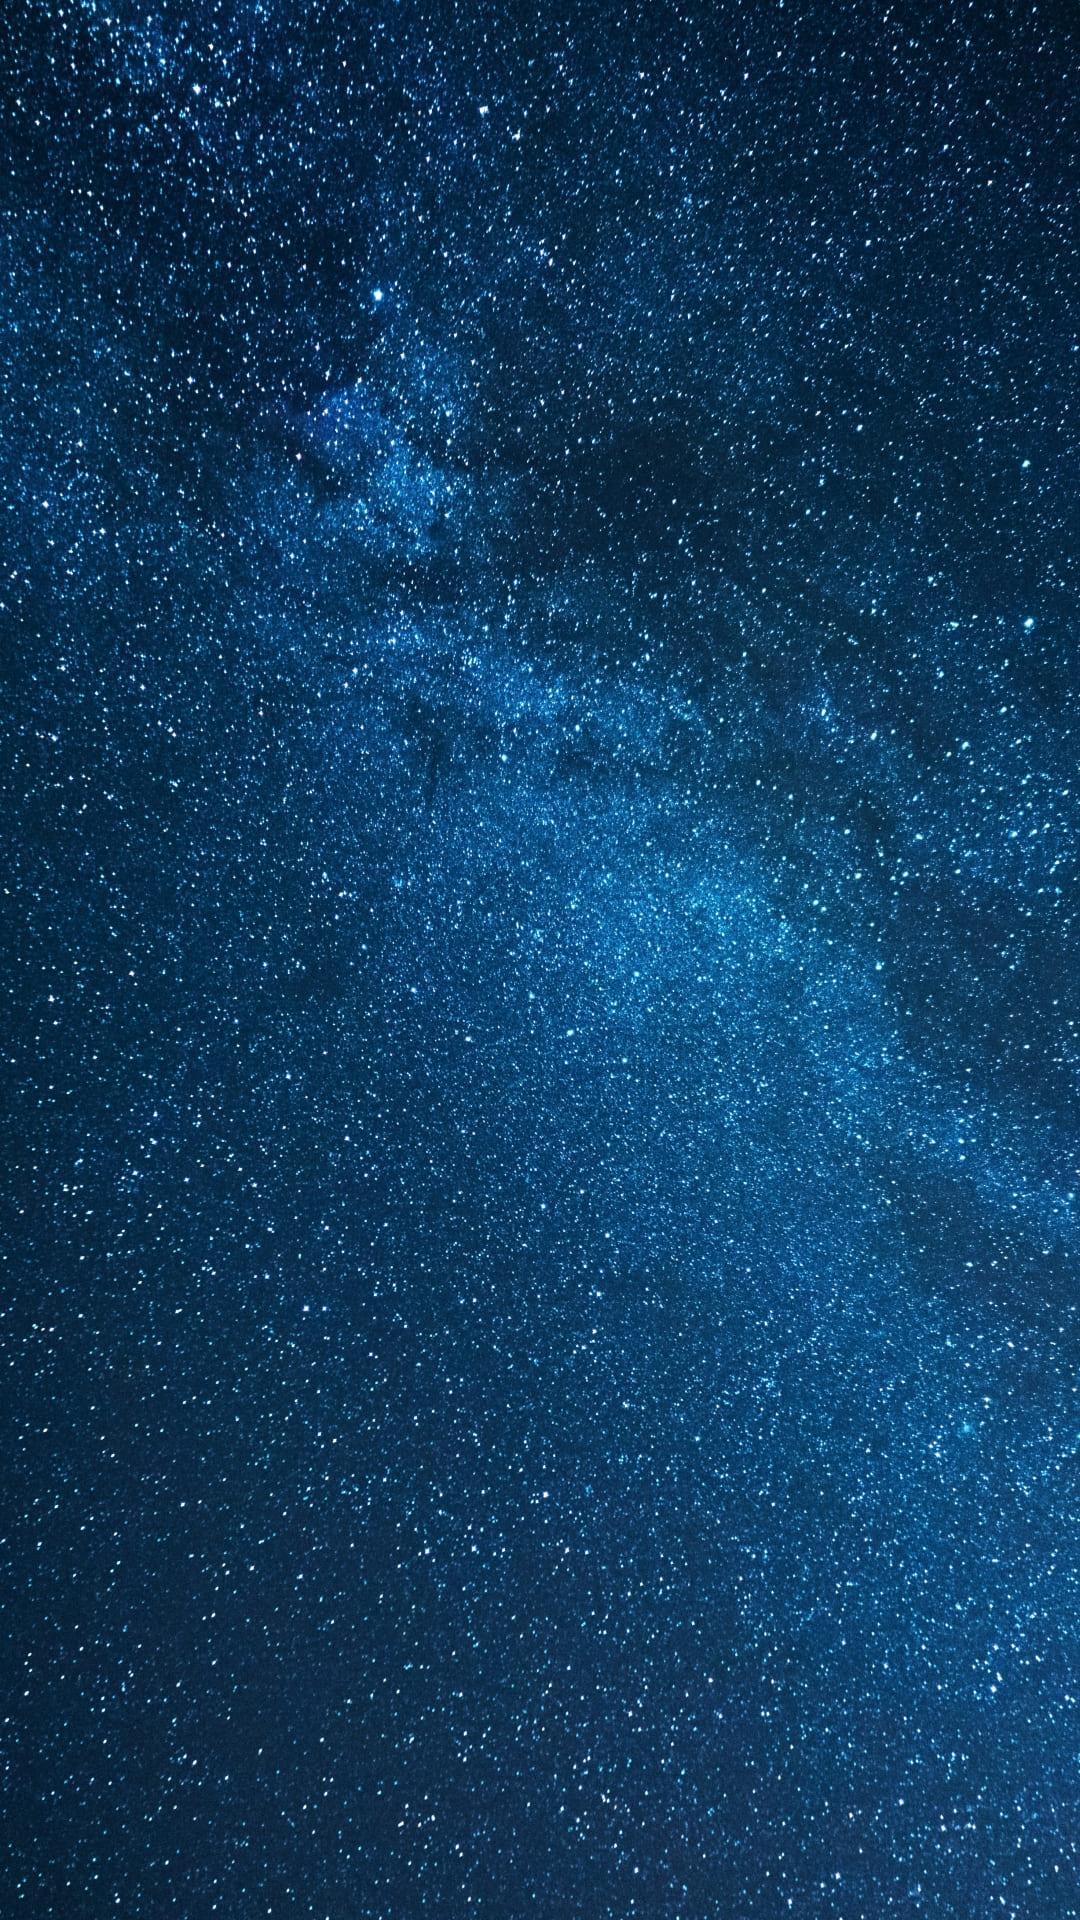 обои на телефон космос вселенная скачать